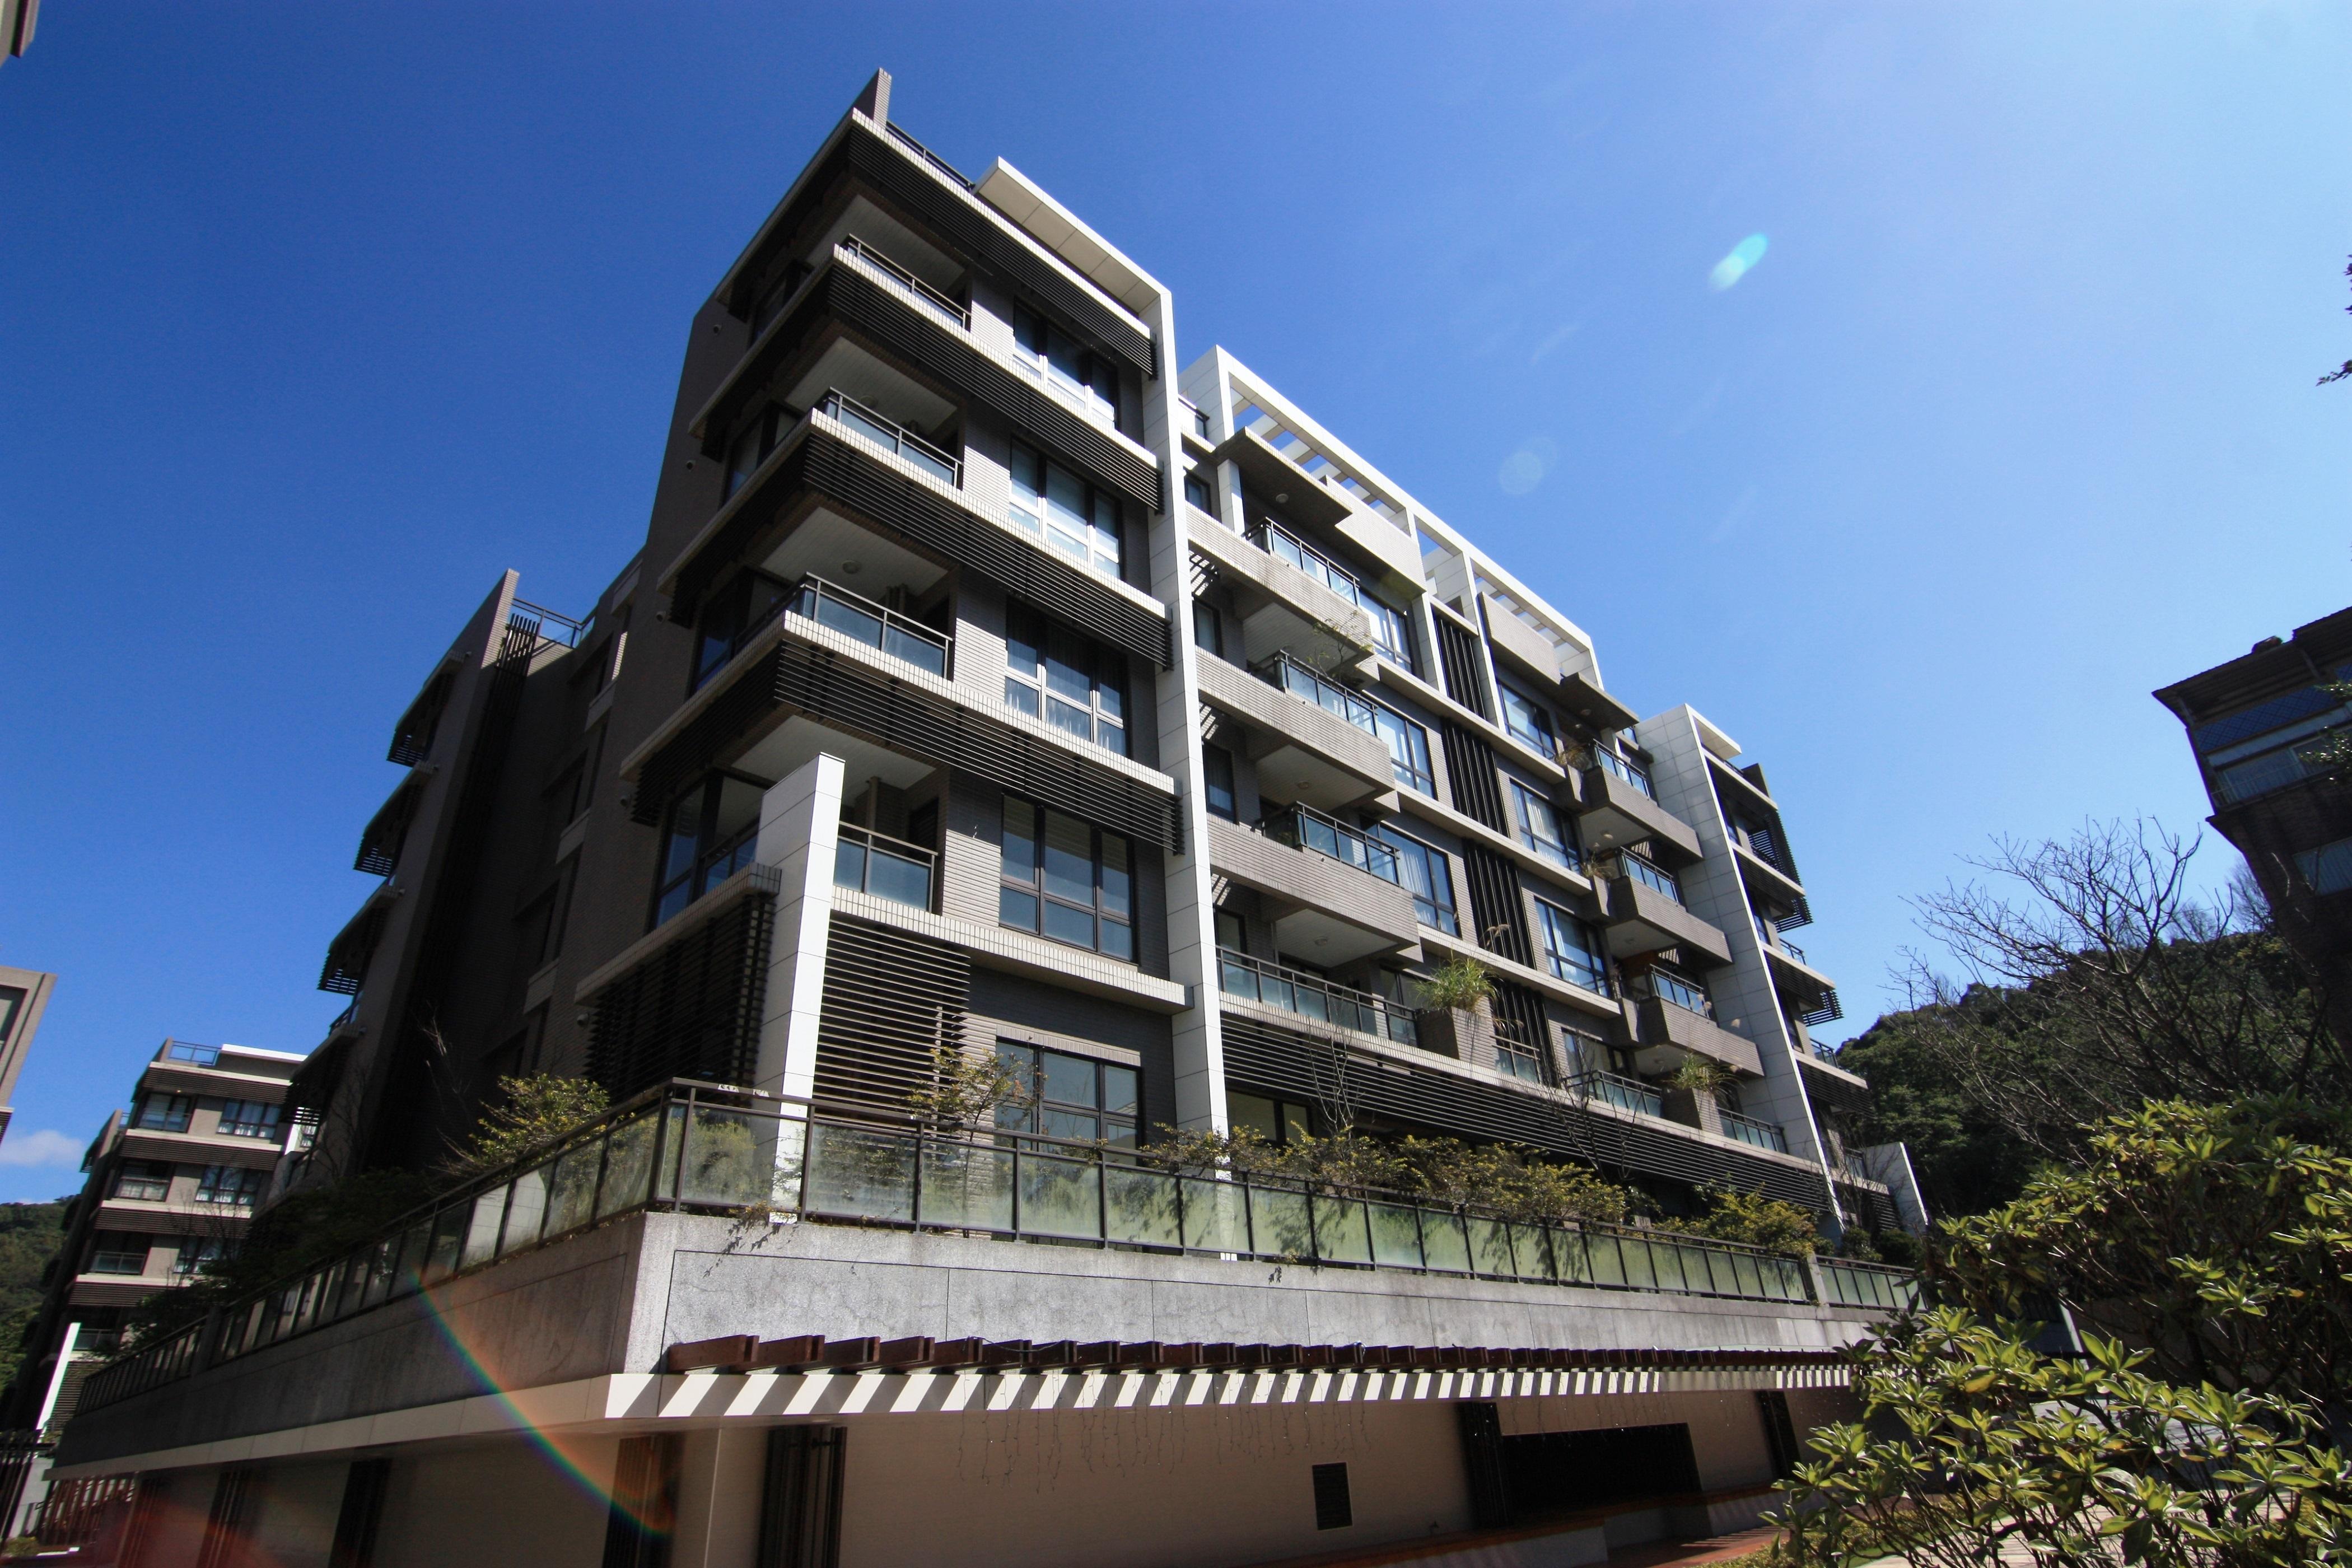 Apartamento para Venda às The Emperor-Park 2 Jingshan Rd., Shilin Dist. Taipei City, 111 Taiwan